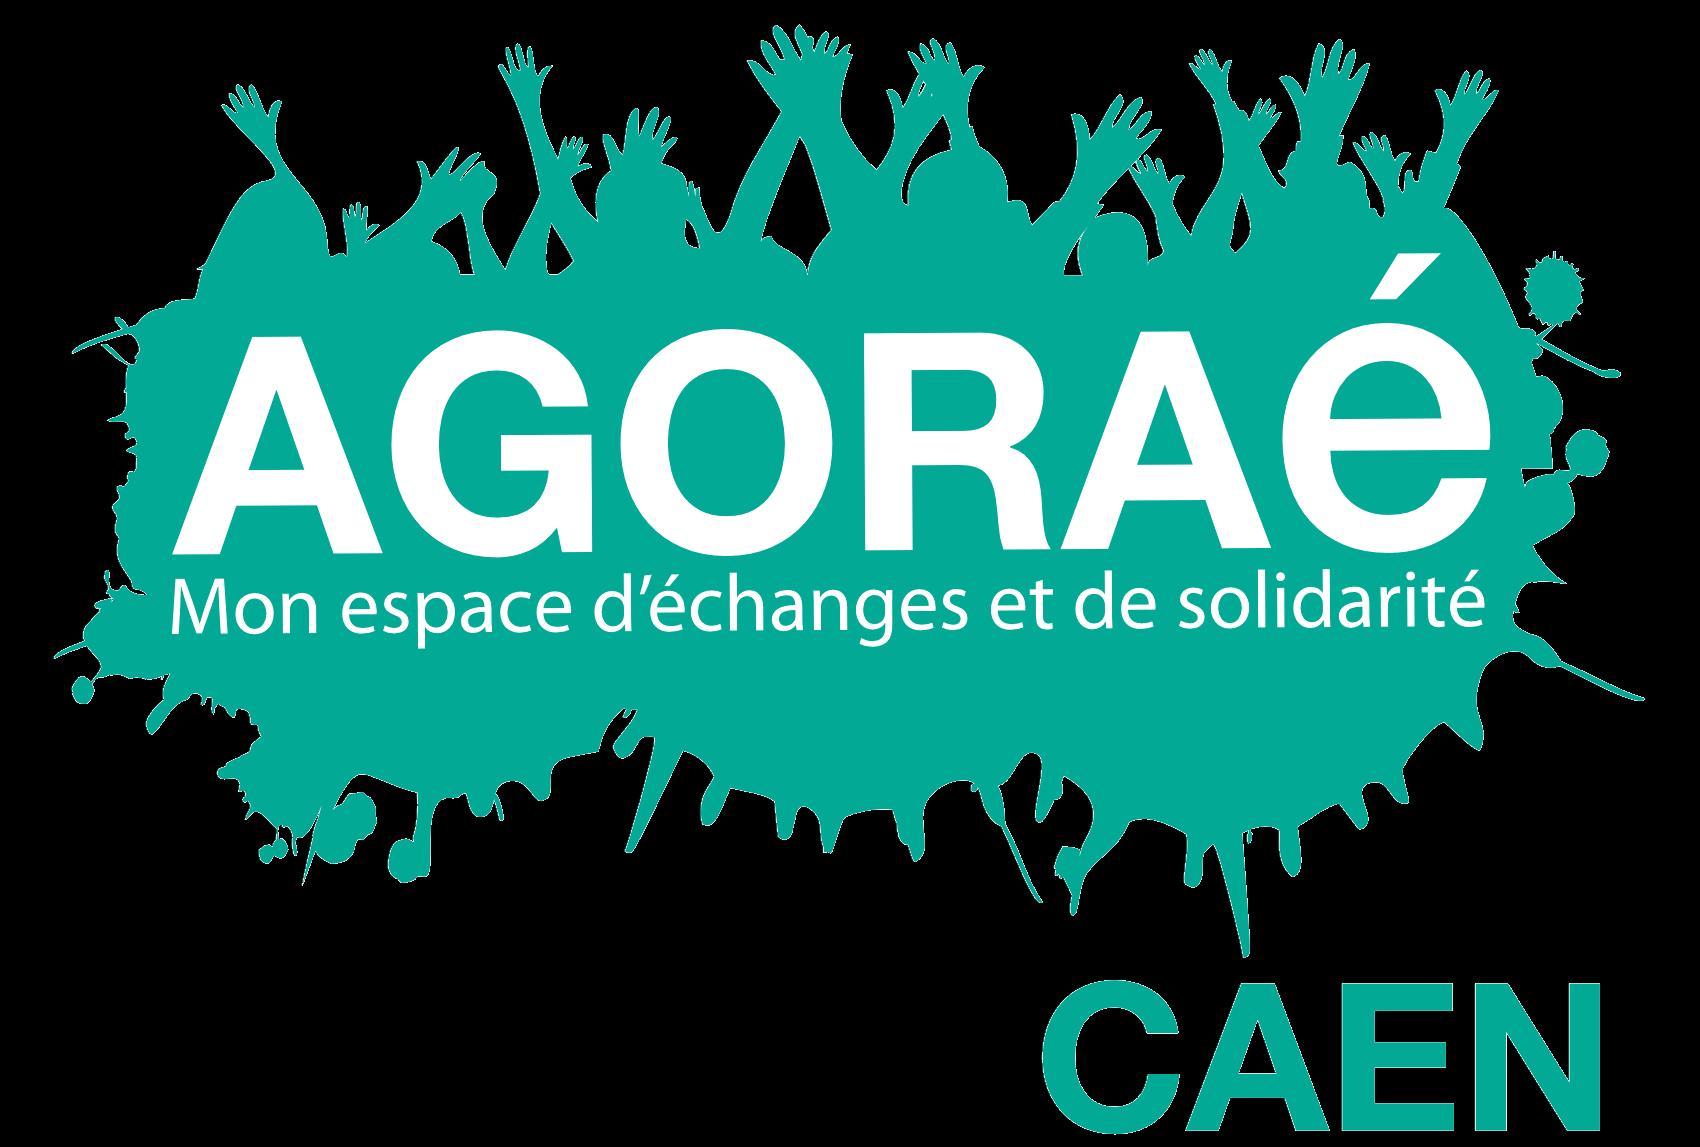 AGORAé Caen